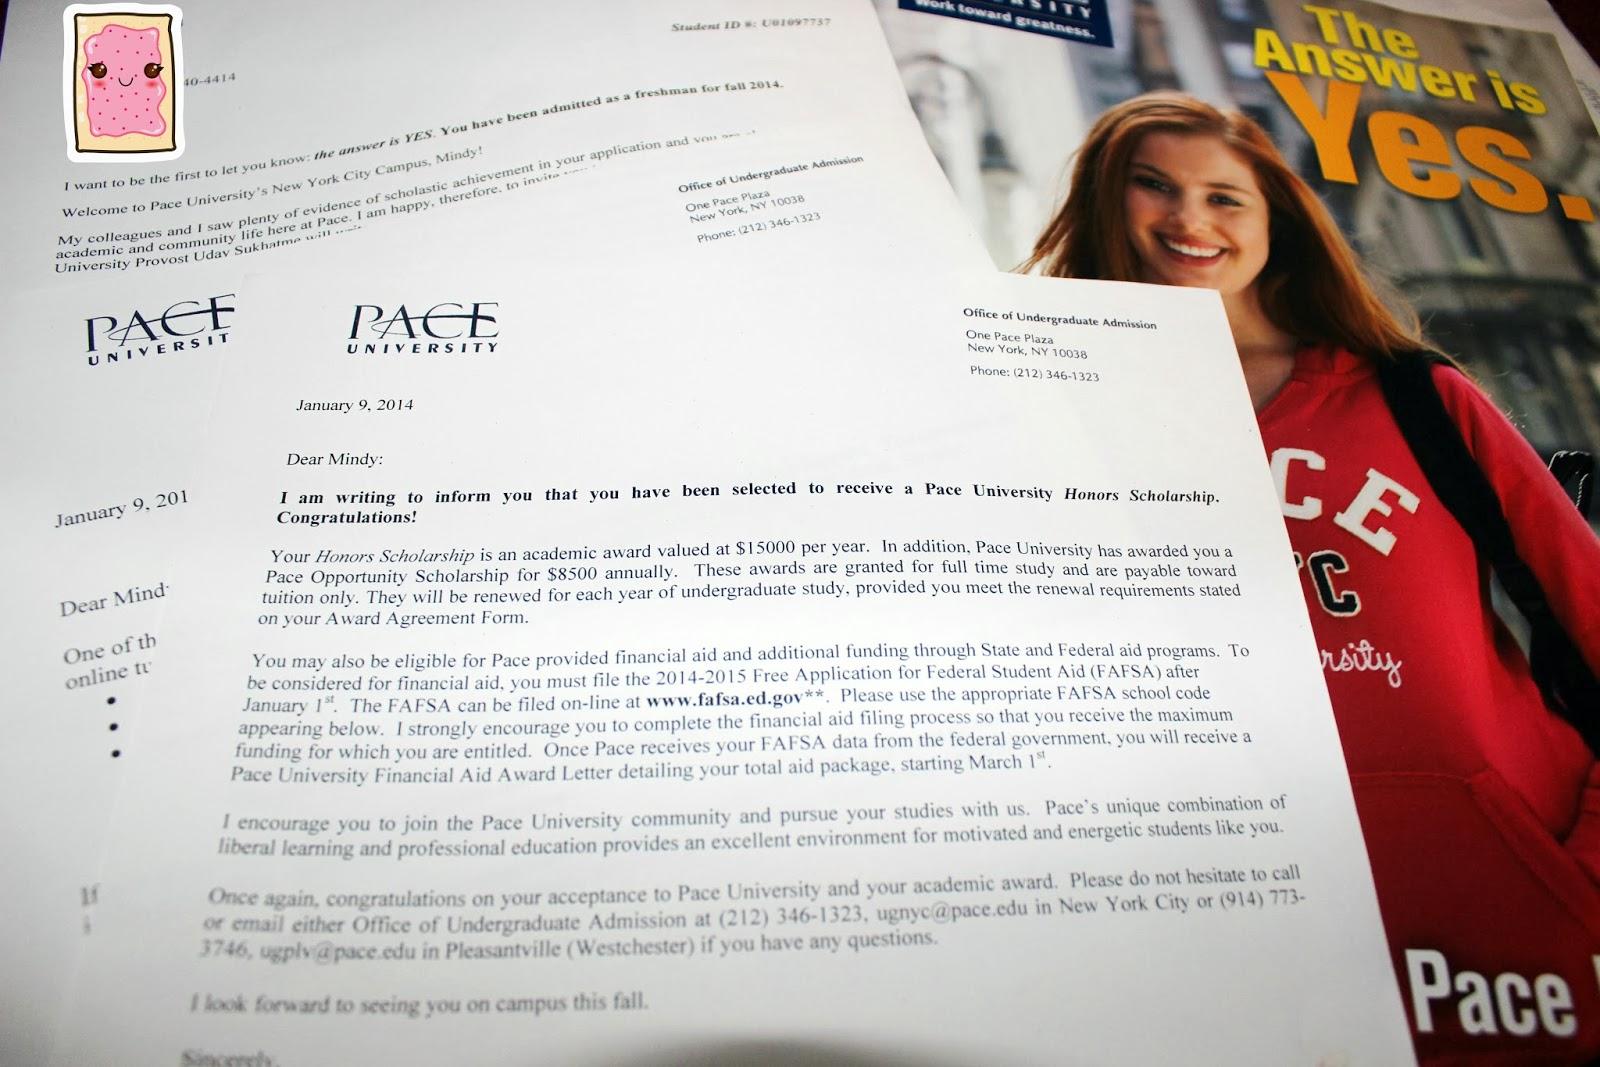 Pace University Acceptance Letter 2014